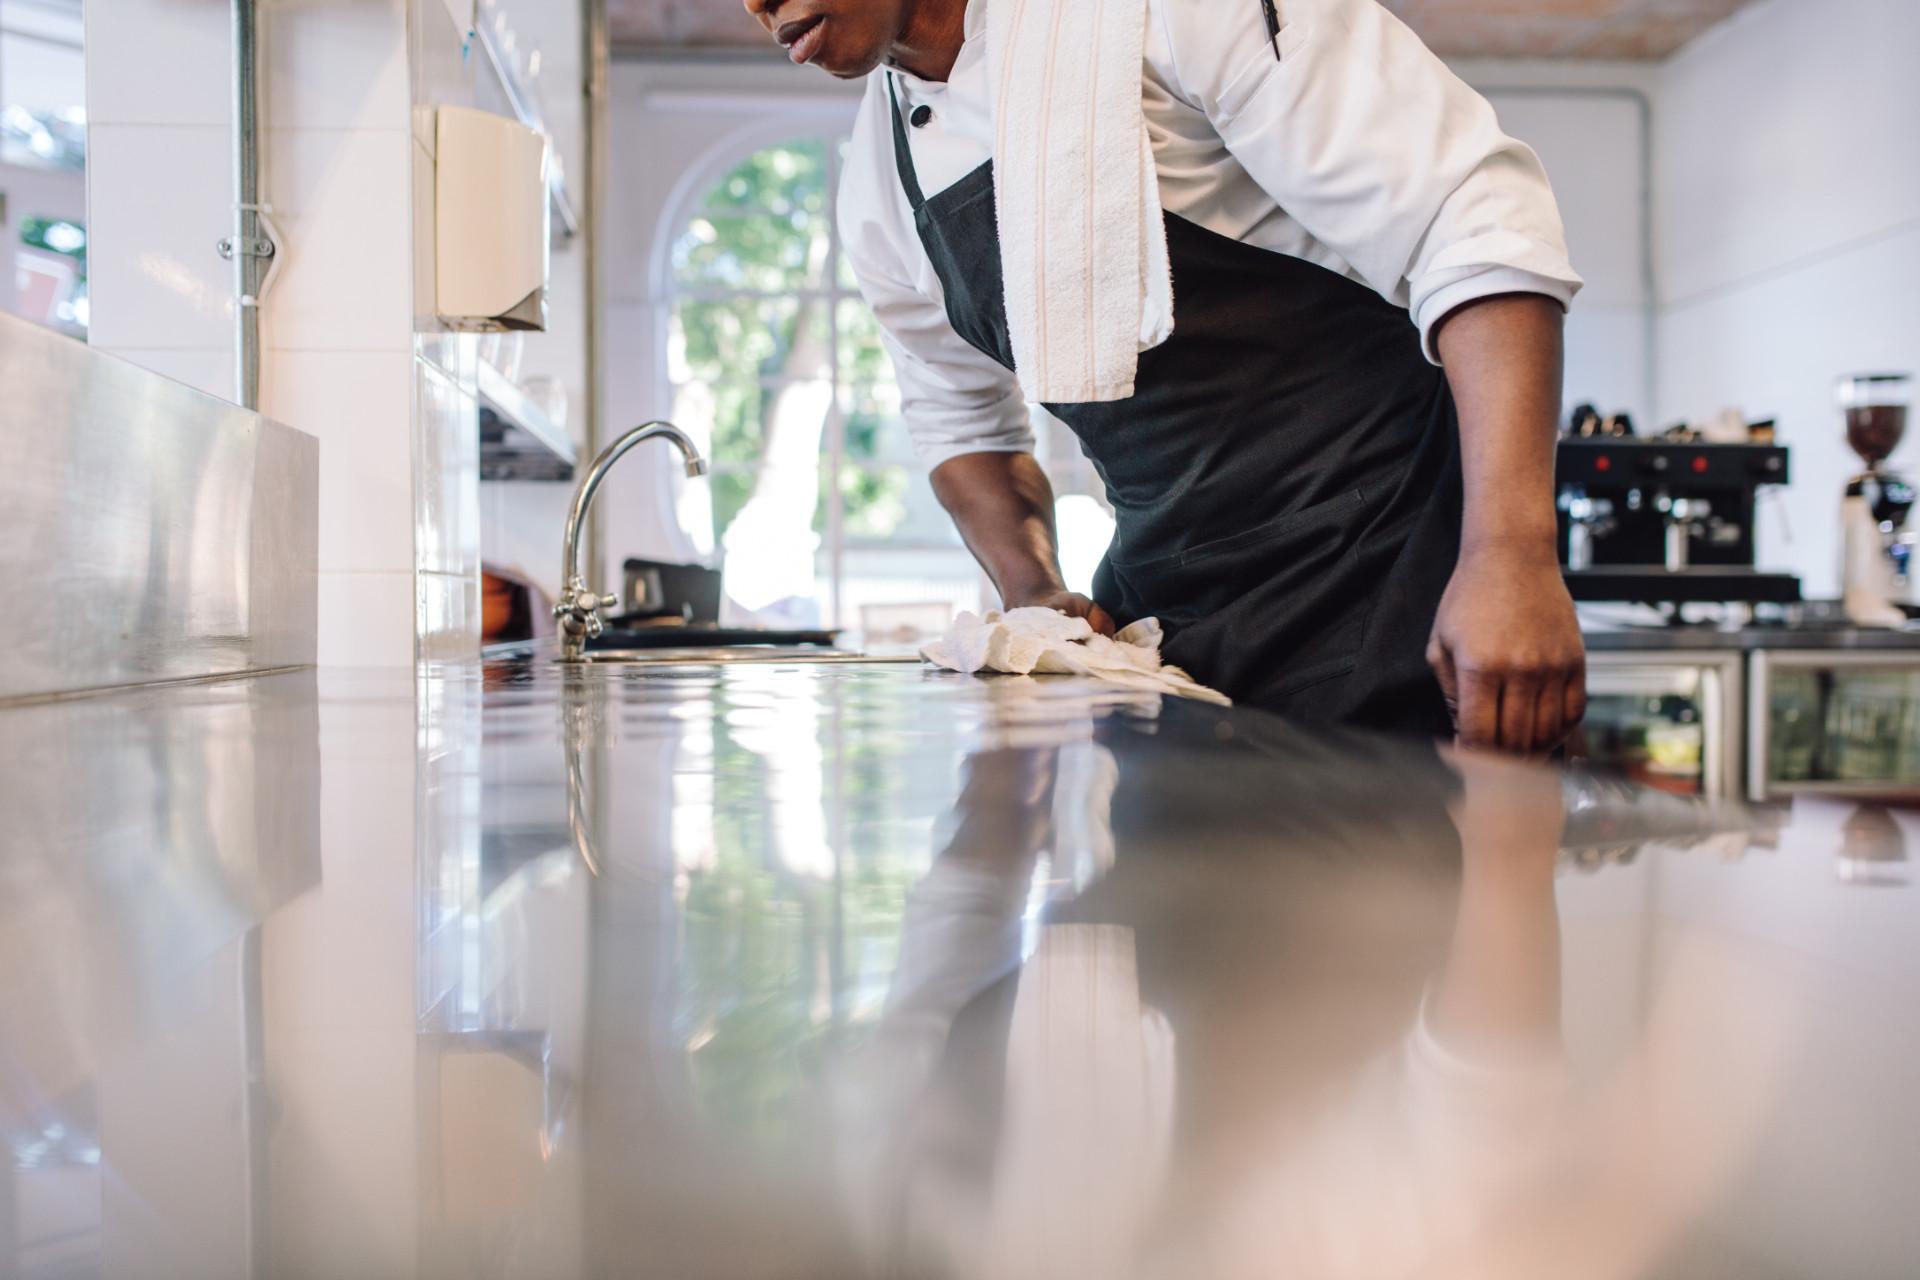 Empregados de cozinha temporários ou em regime de outsourcing